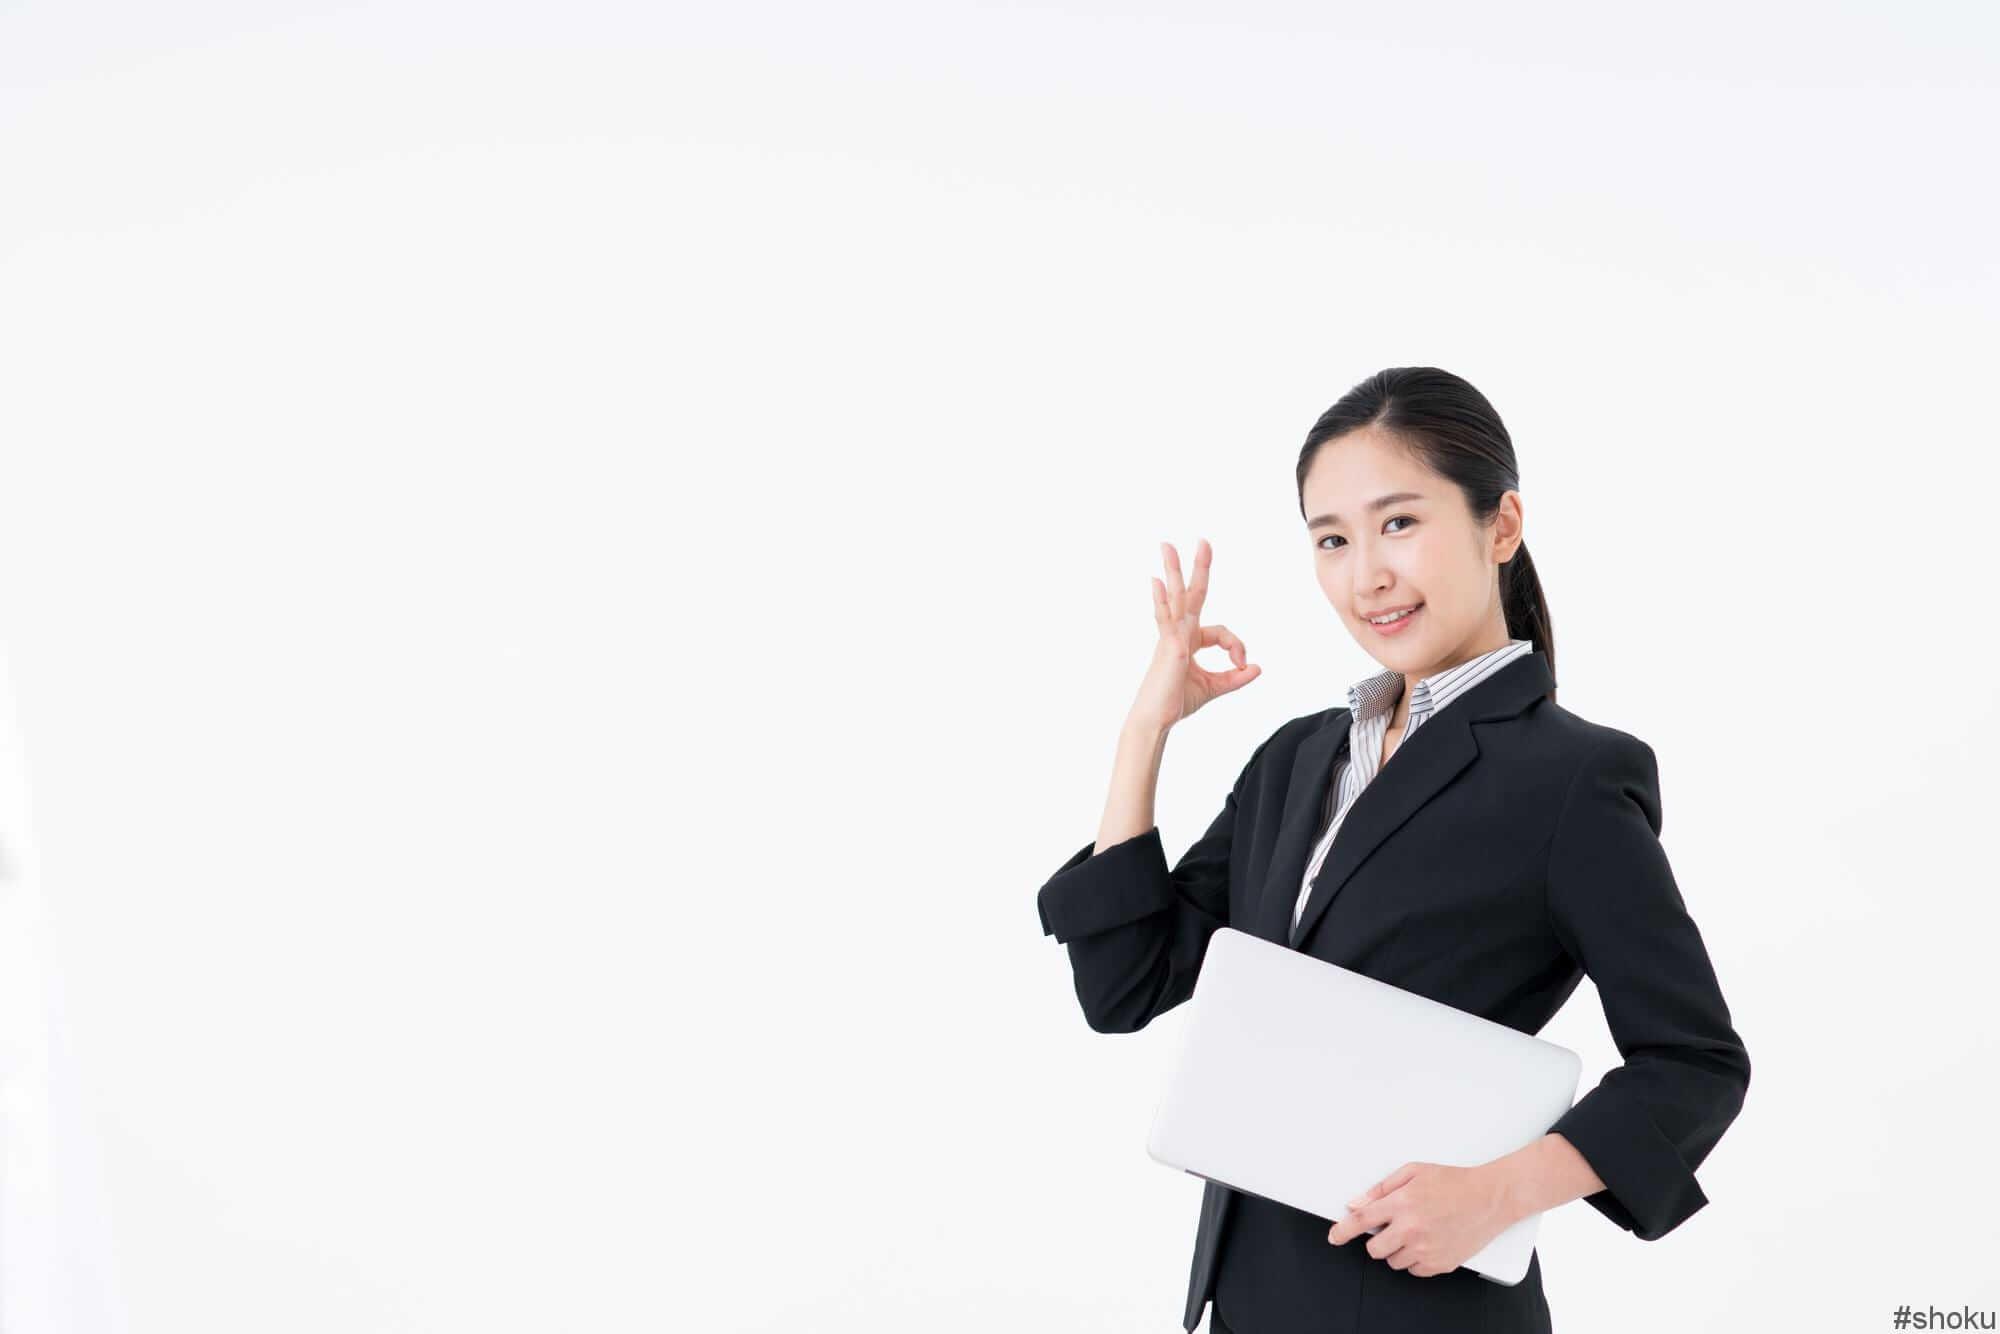 データ入力に向いてる人について説明する女性